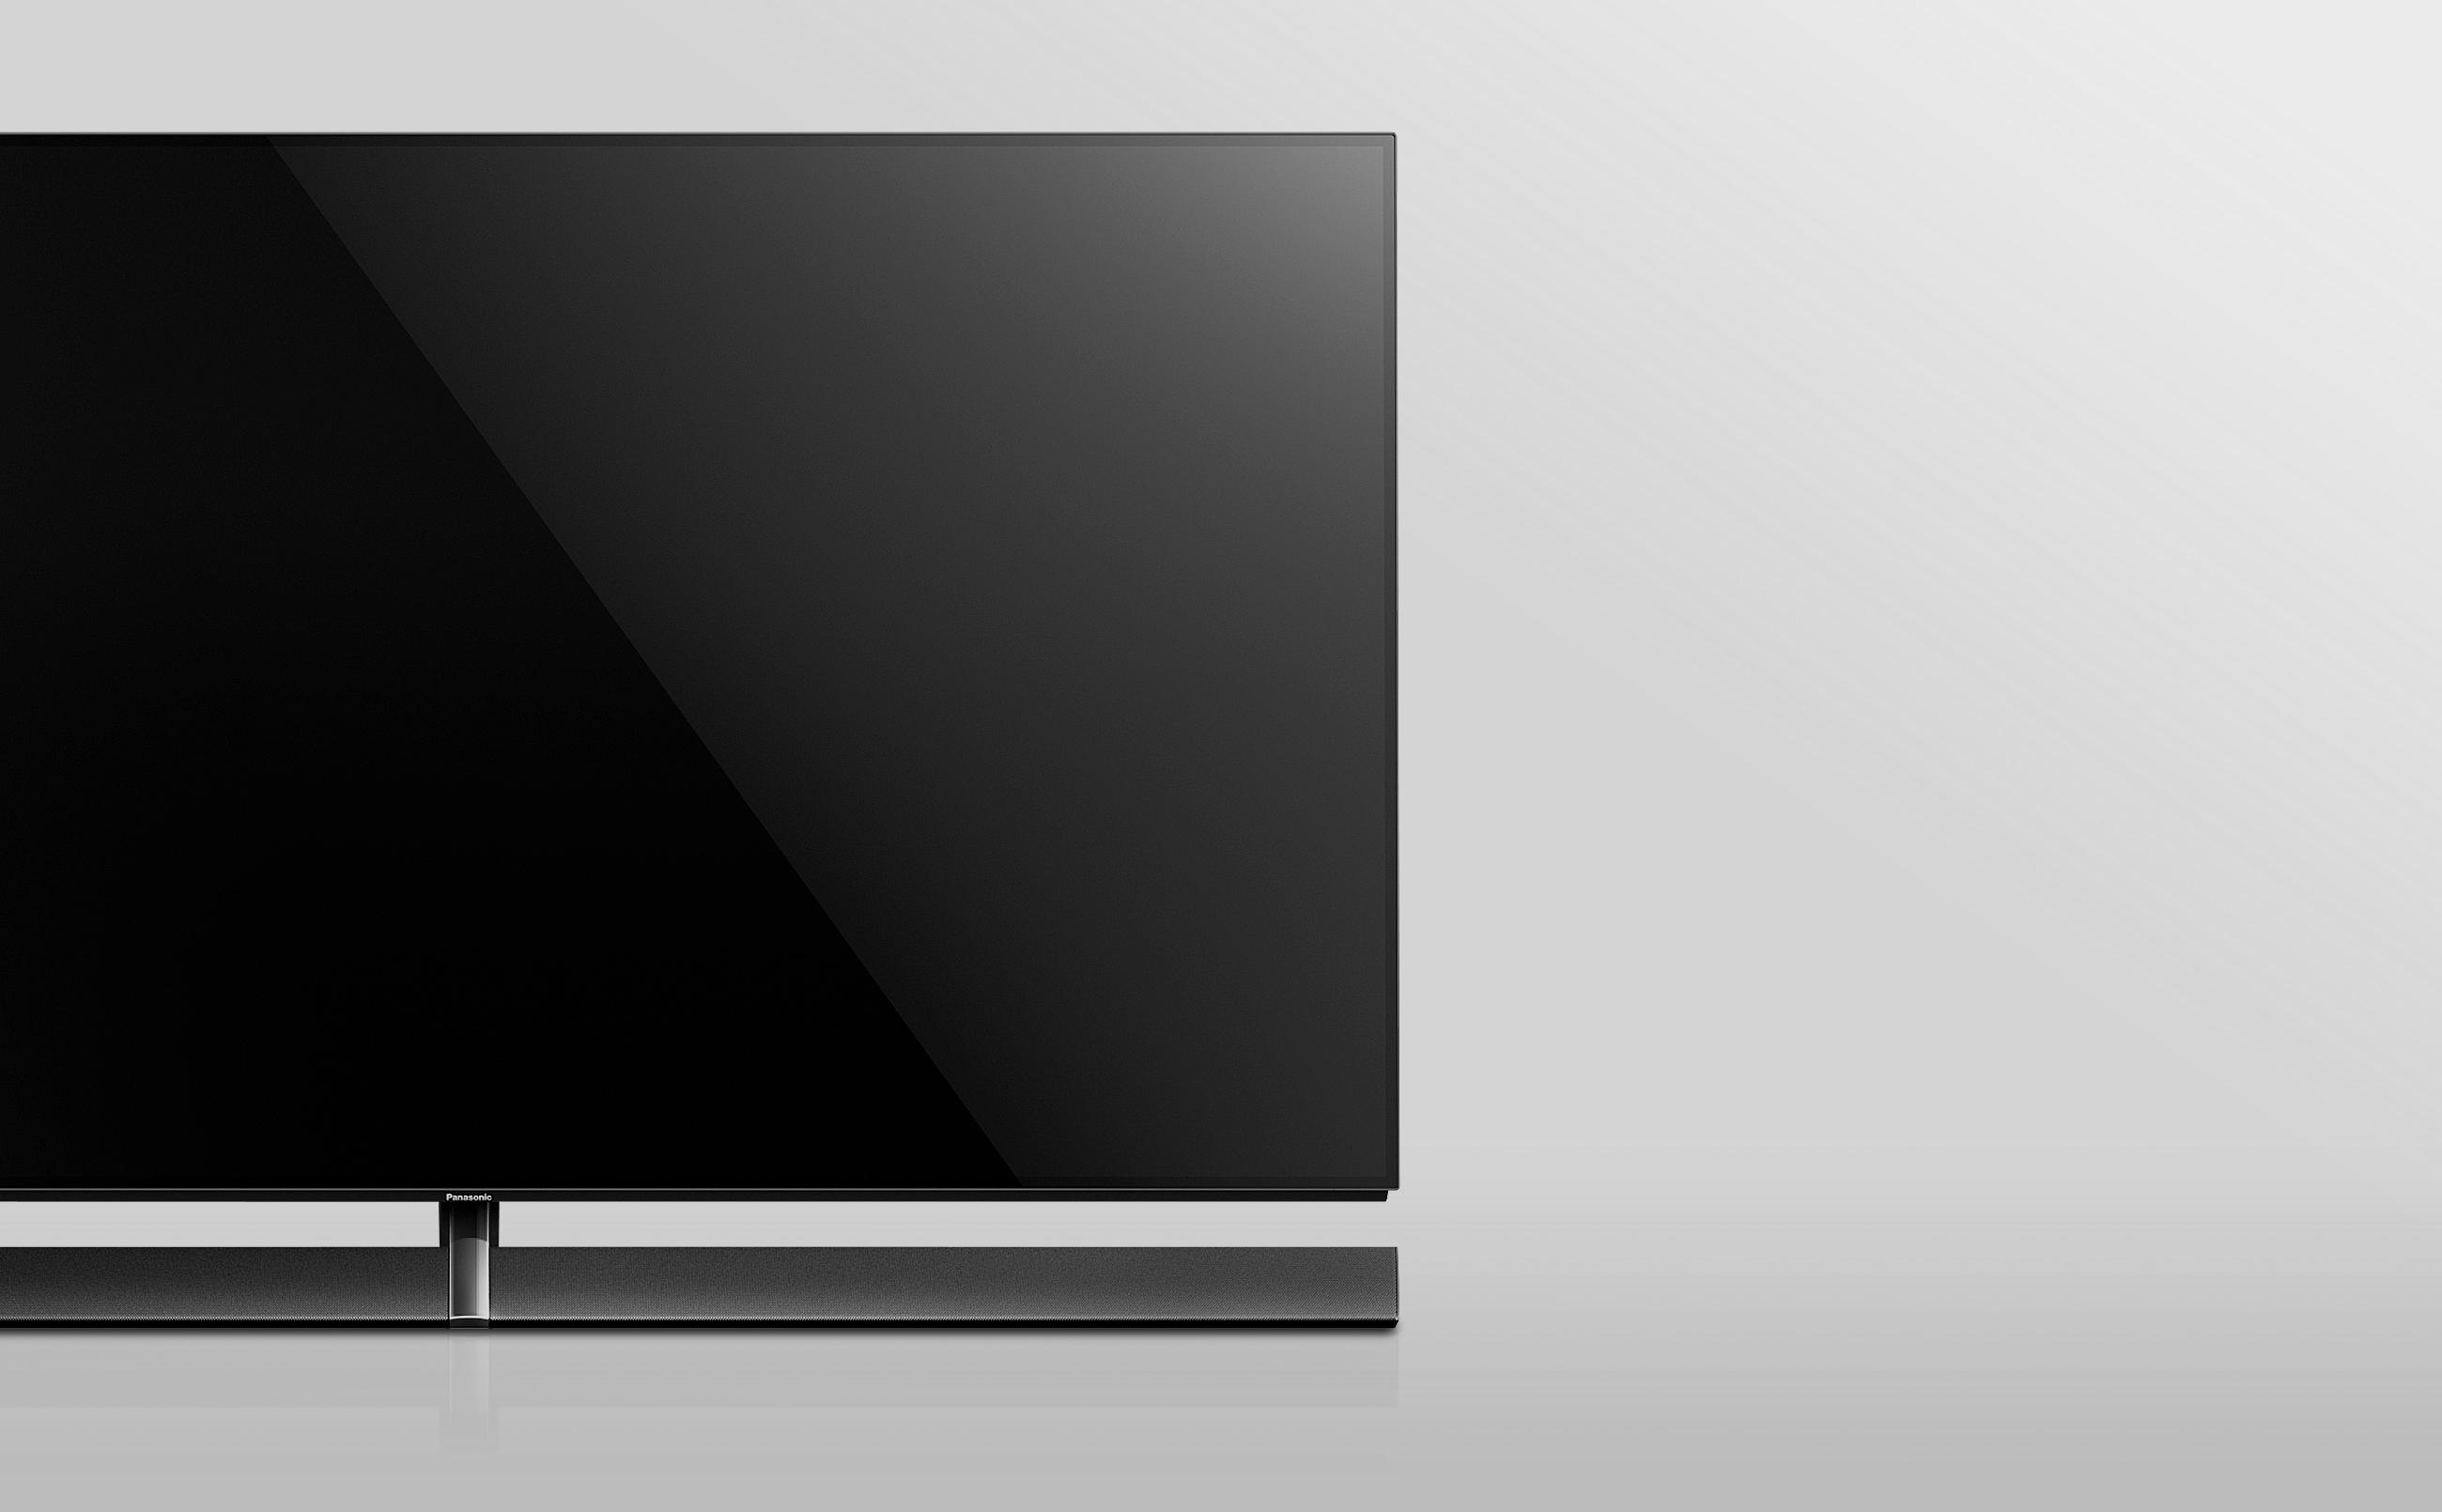 OLEDテレビ EZ-1000 - Panasonic...